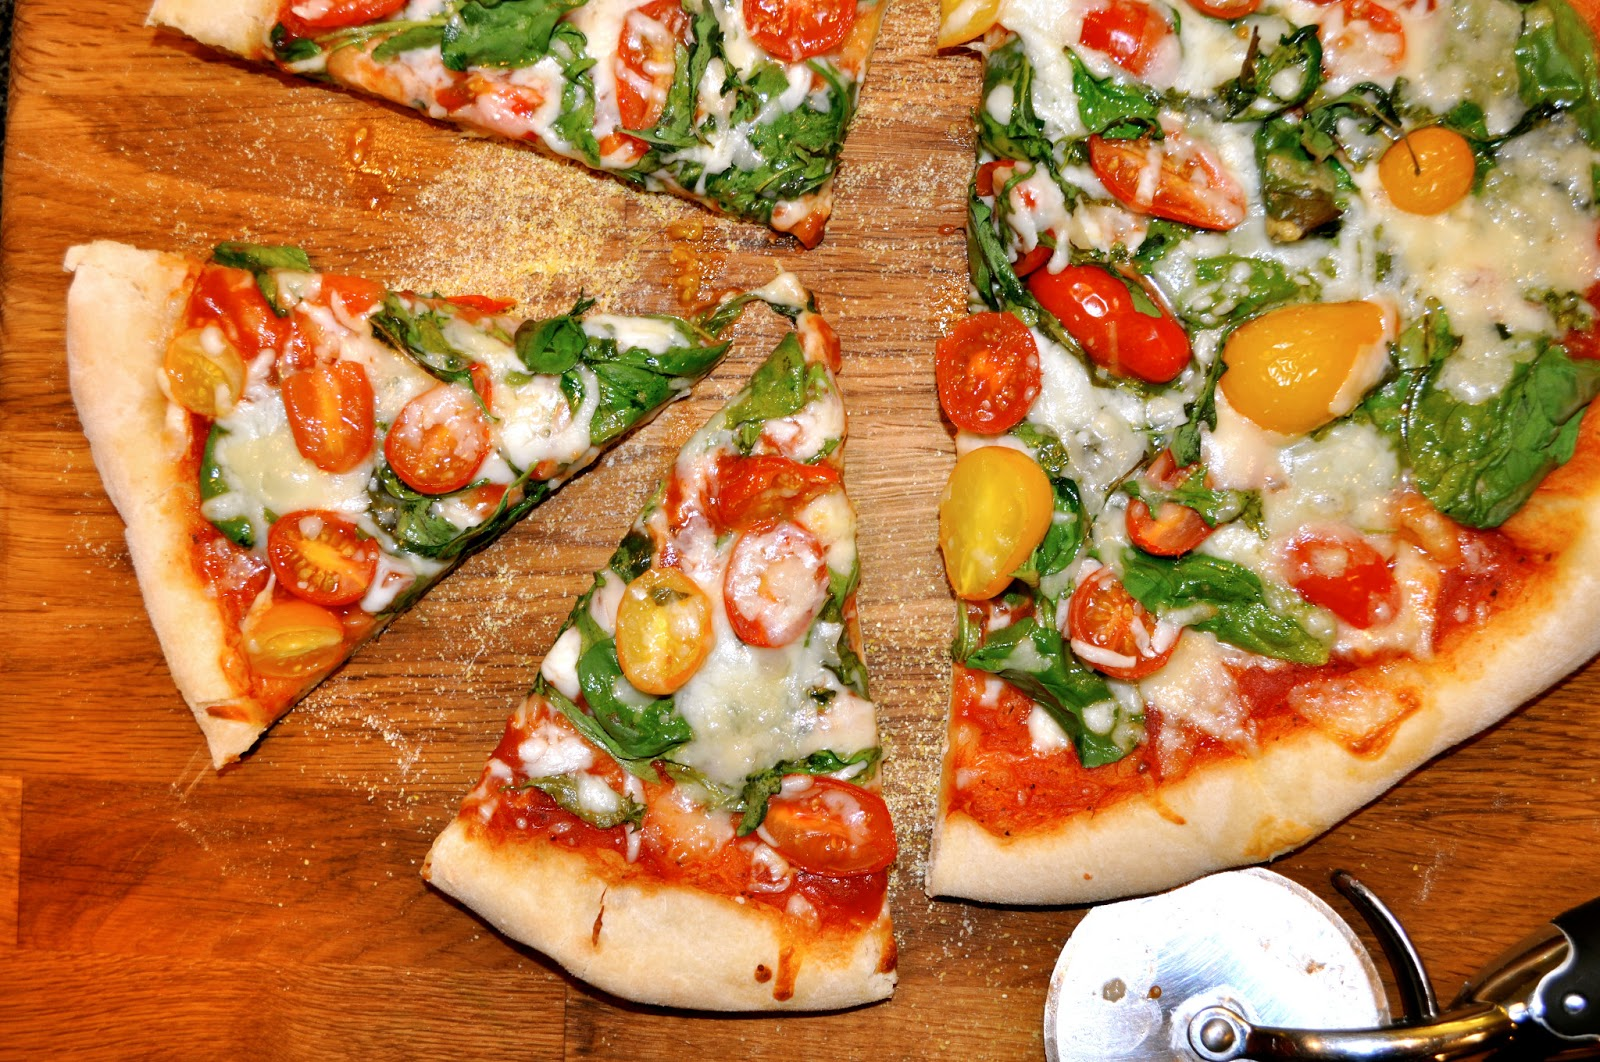 One Classy Dish: Arugula, Spinach, Basil, & Cherry Tomato Pizza